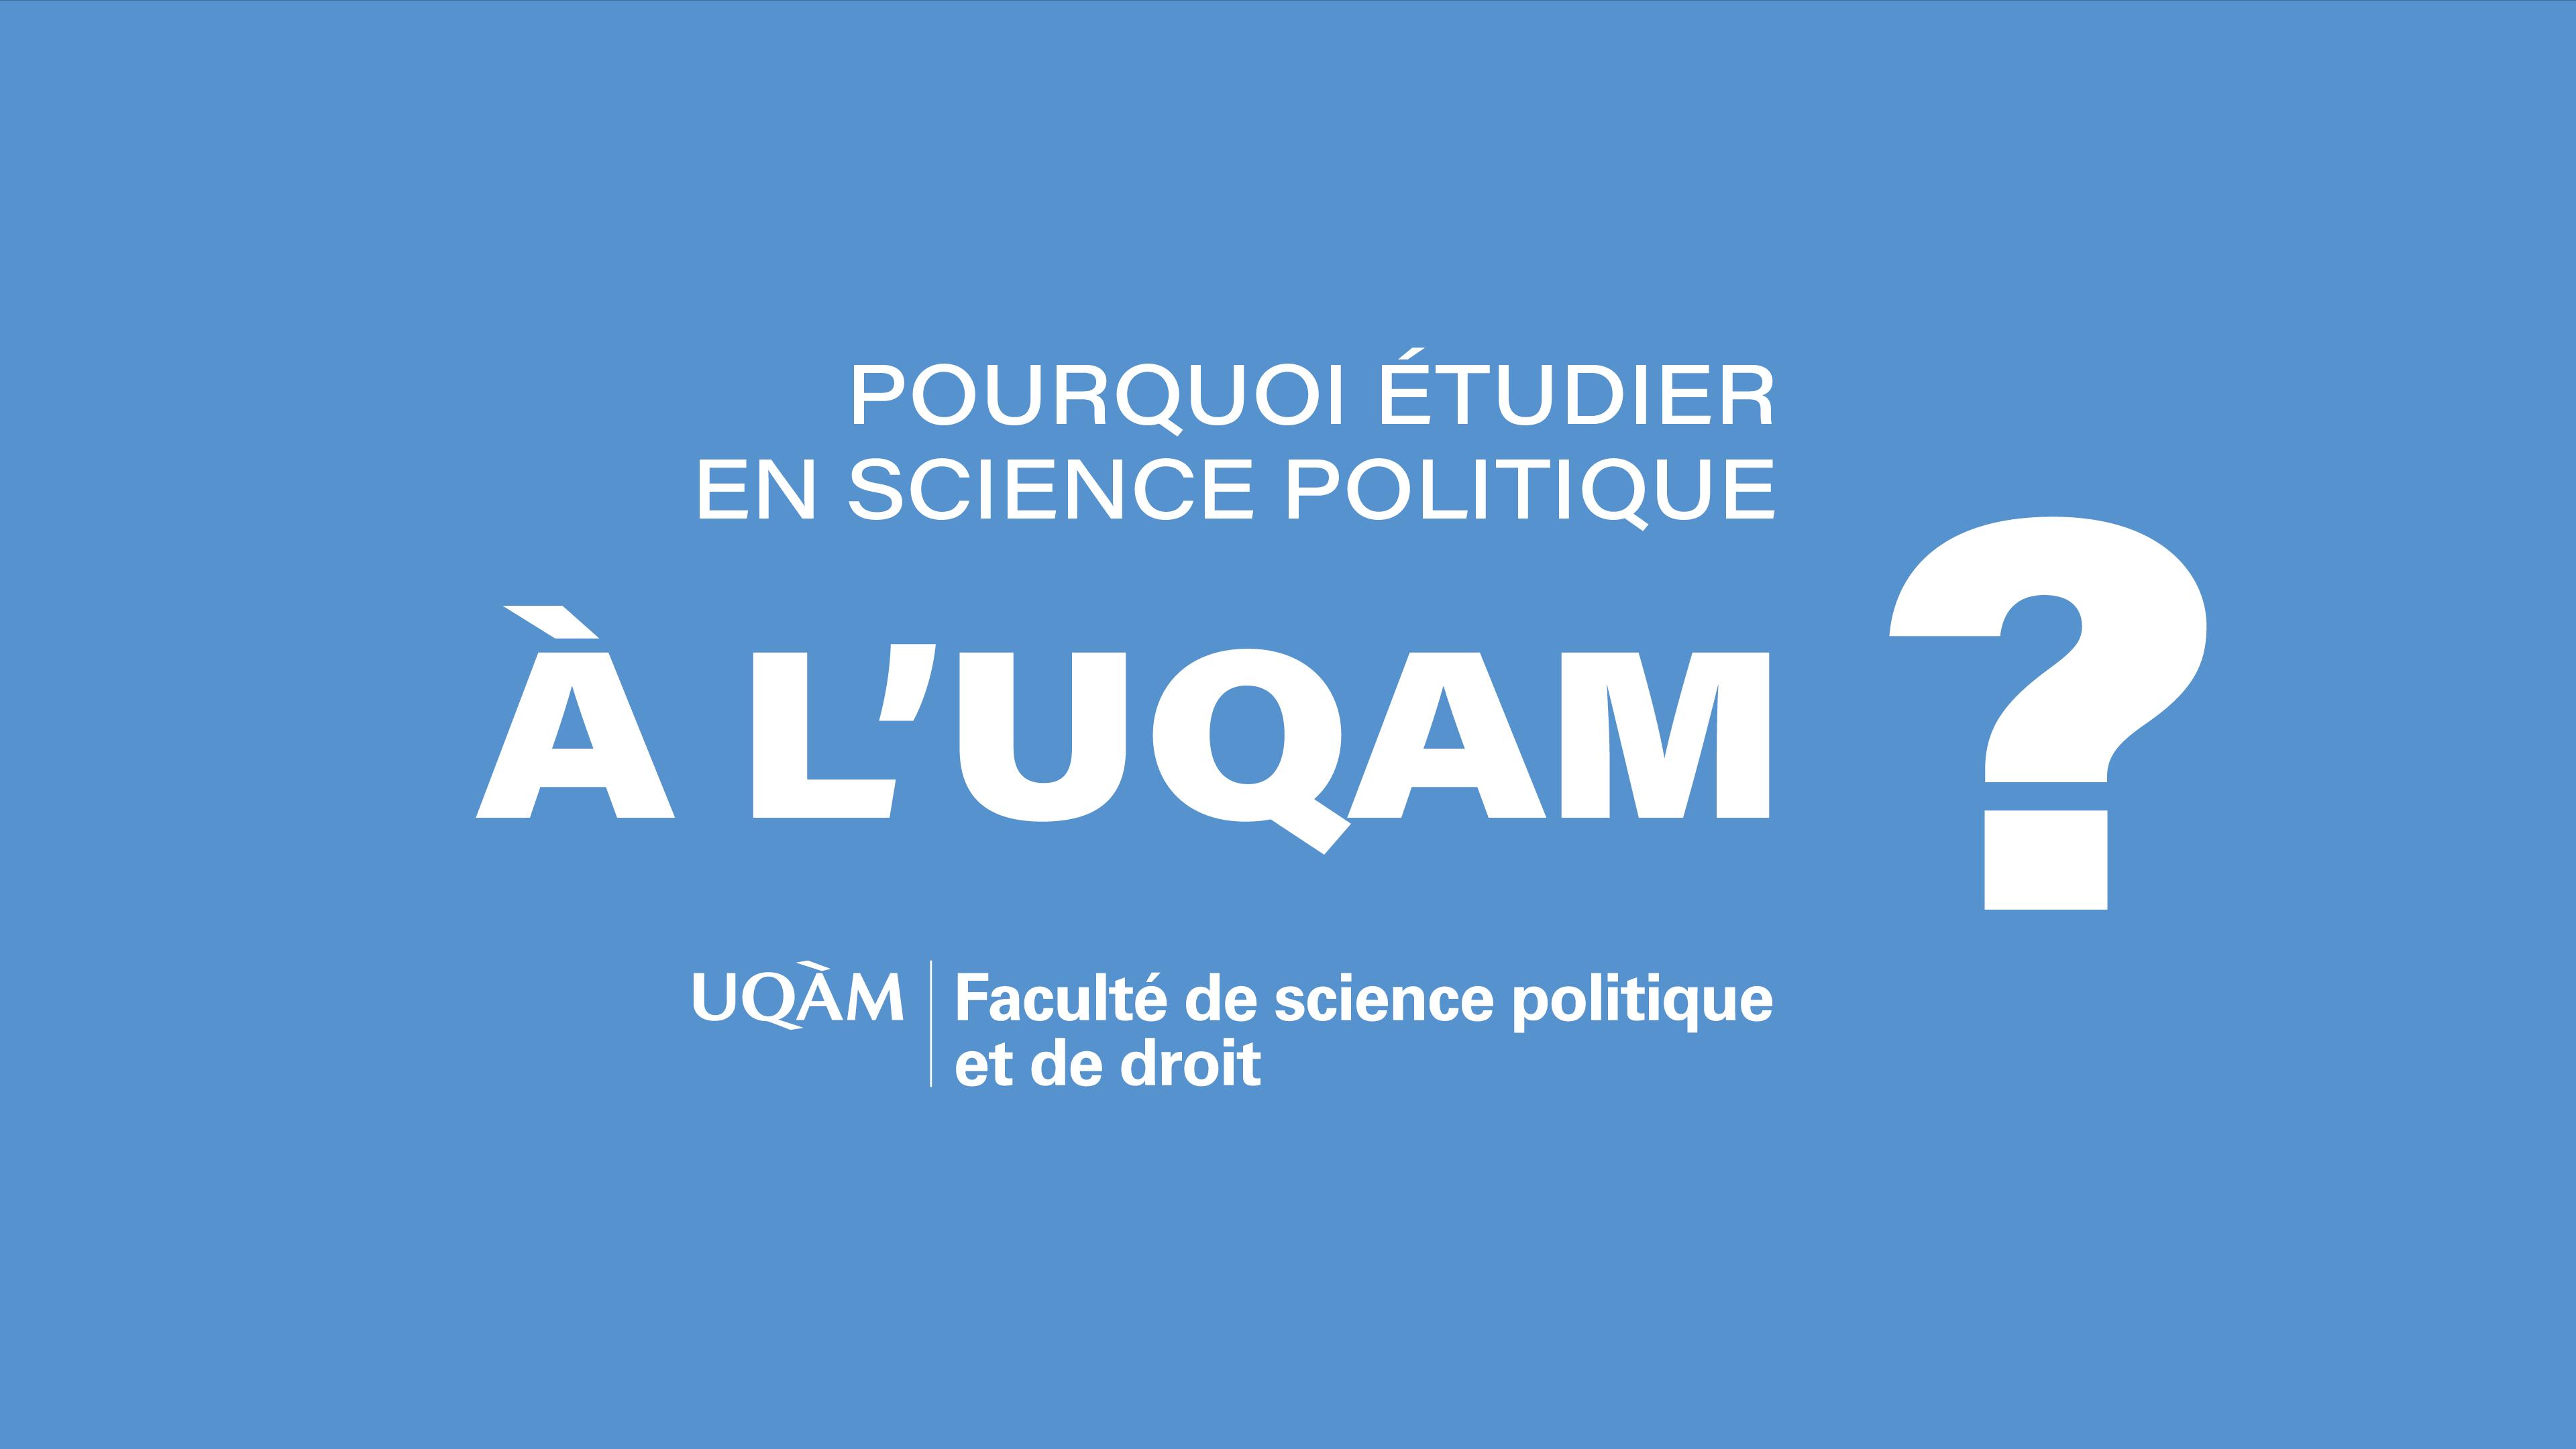 Pourquoi choisir la science politique à l'UQAM?